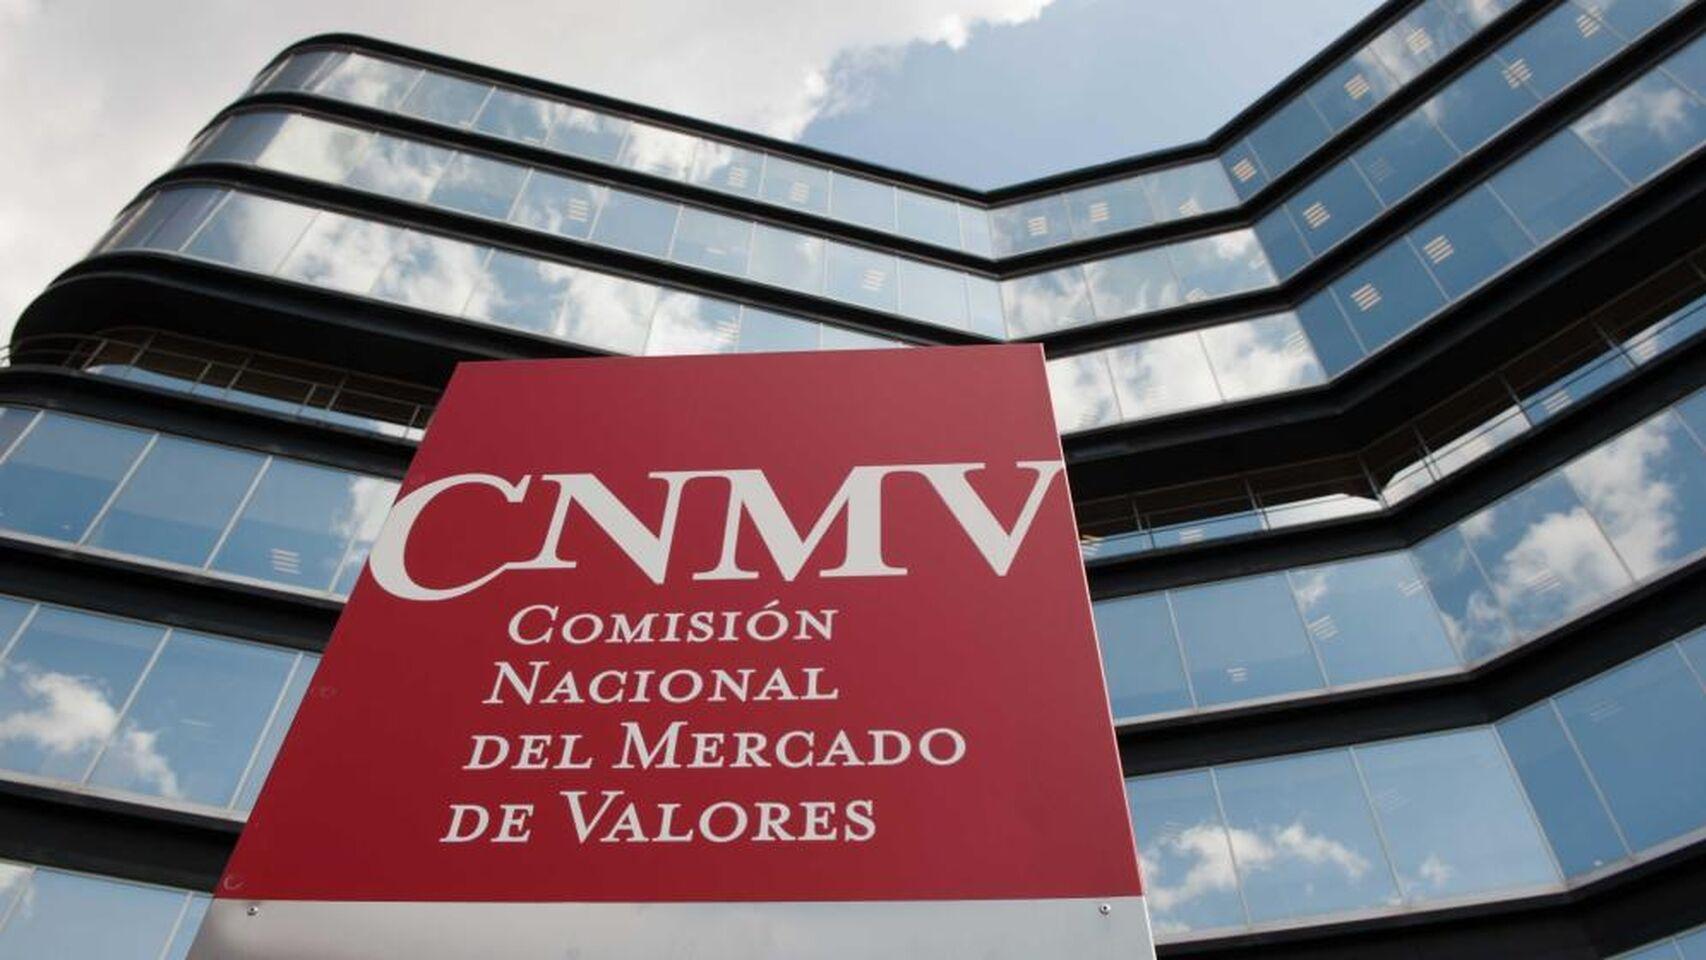 CNMV Zunzunegui La CNMV establece como plazo máximo para la remisión de la información anual de costes y gastos a los clientes el 31 de marzo